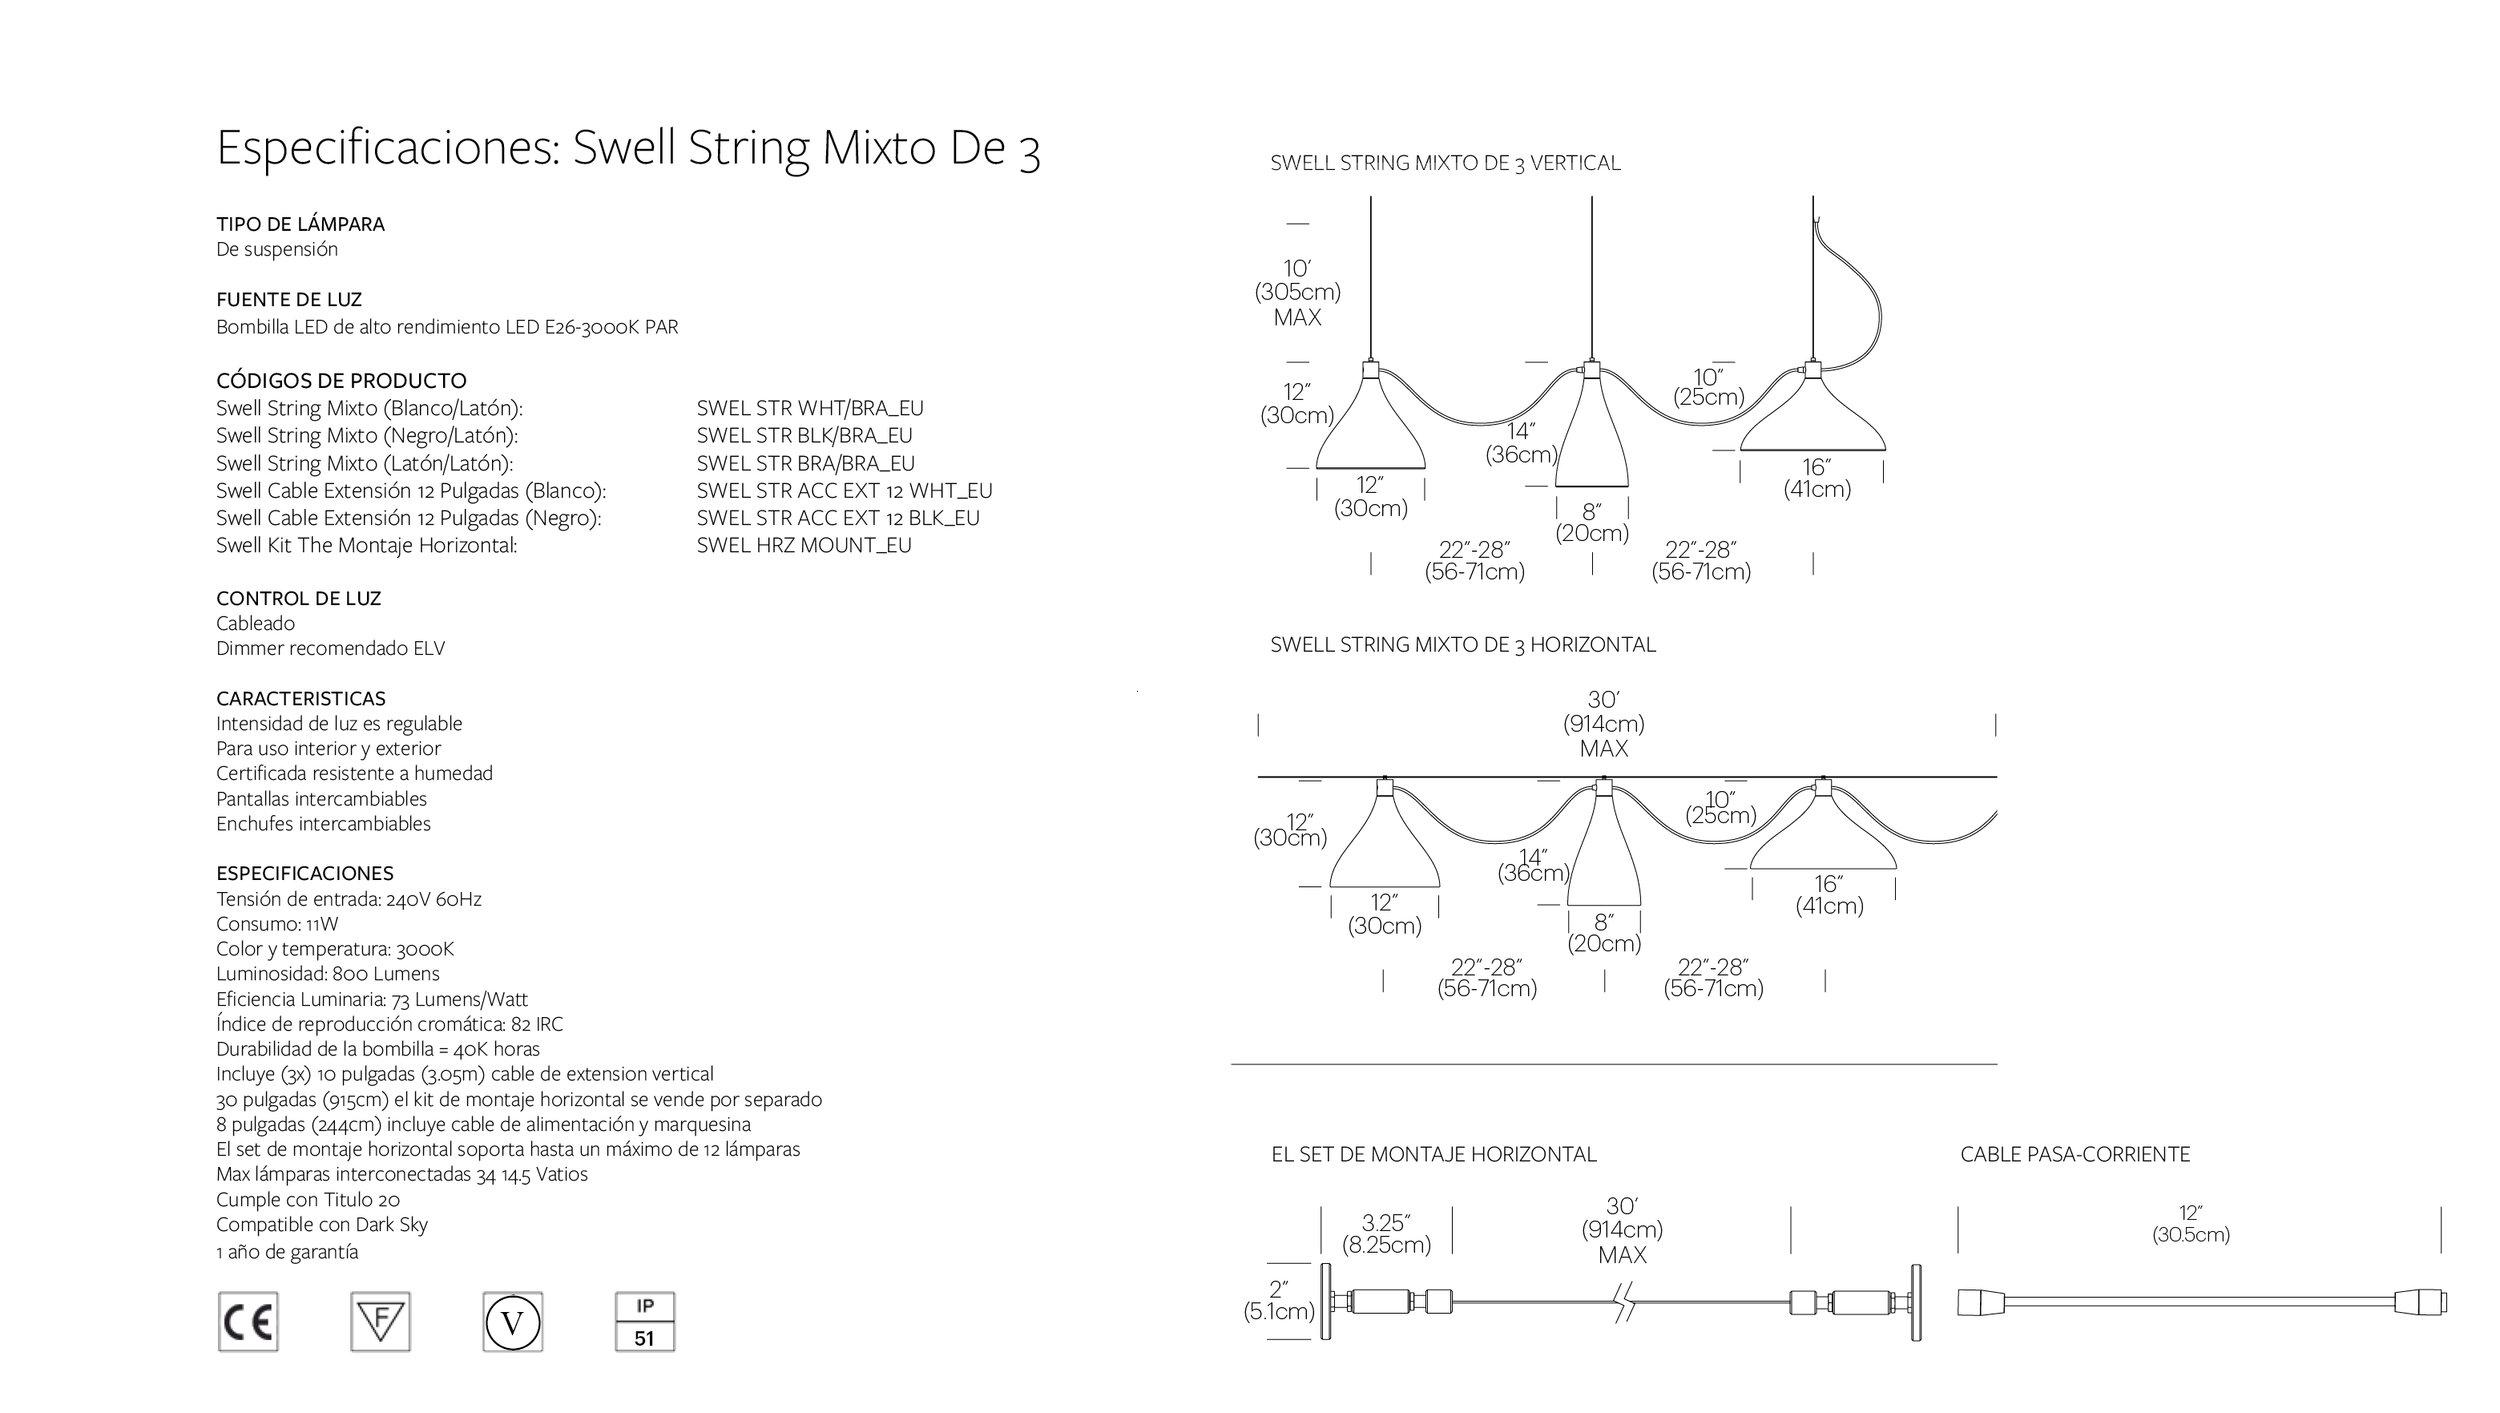 Swell String Mixed Spanish Spec_240V.jpg